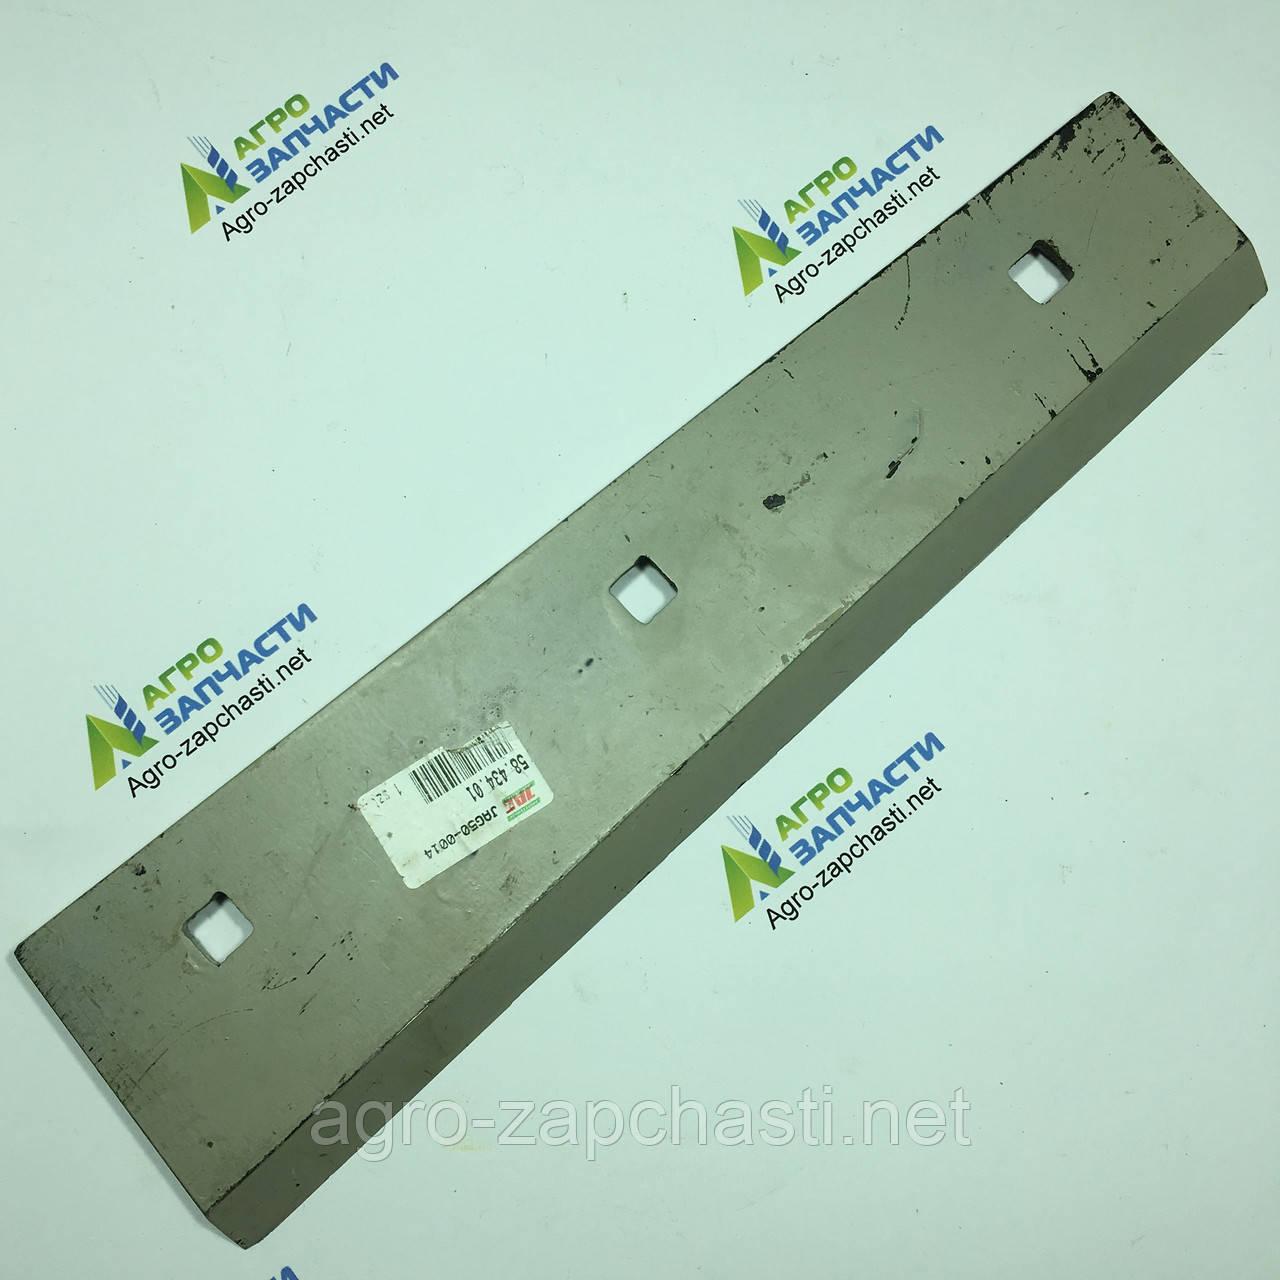 Нож поршня пресс-подборщика John Deere 224, 224Т - подвижный, 340мм